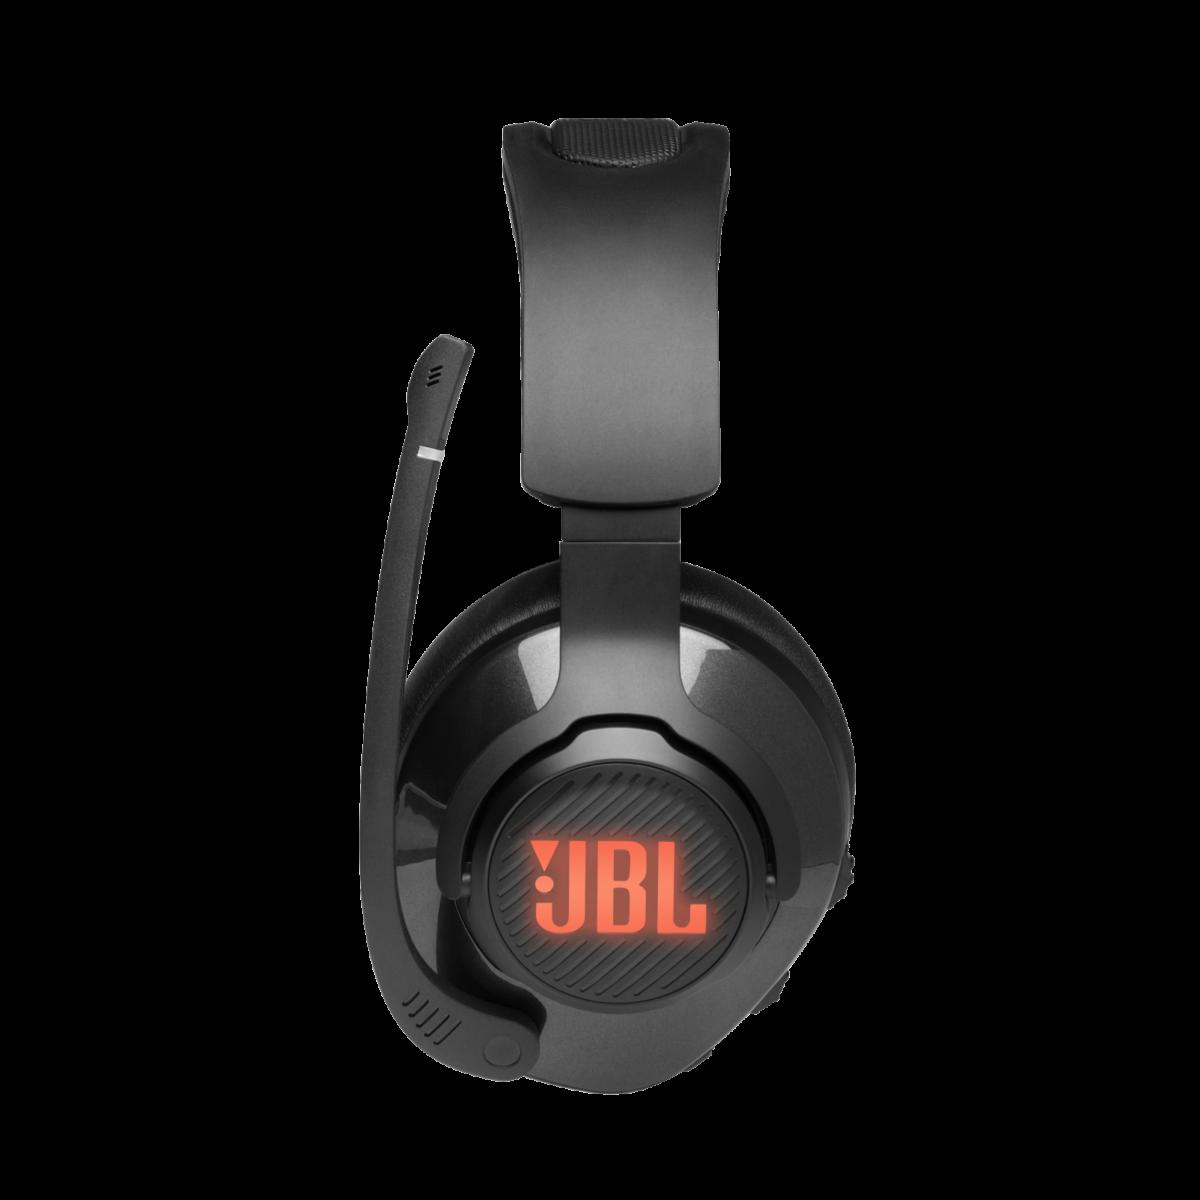 JBL Quantum 400 Product Image Side mic Up